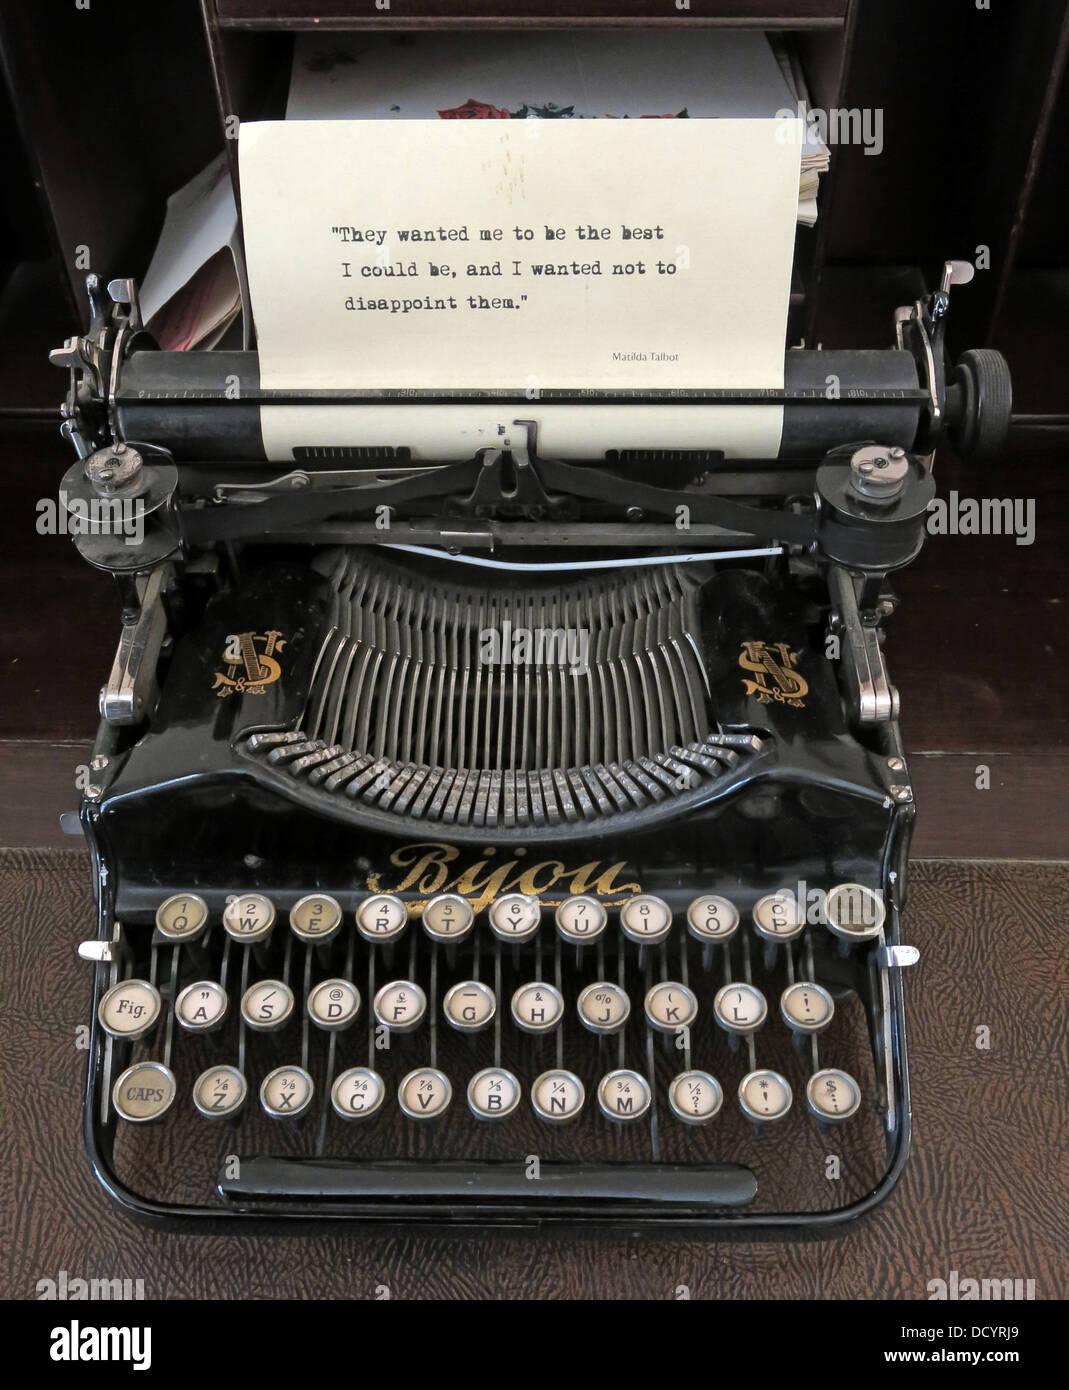 Laden Sie dieses Alamy Stockfoto Sie wollten mich das Beste, was ich werden könnte, und ich wollte Sie nicht auf einem alten Bsie Schreibmaschine, Lacock Abbey, Wiltshire, South West England zu enttäuschen - DCYRJ9